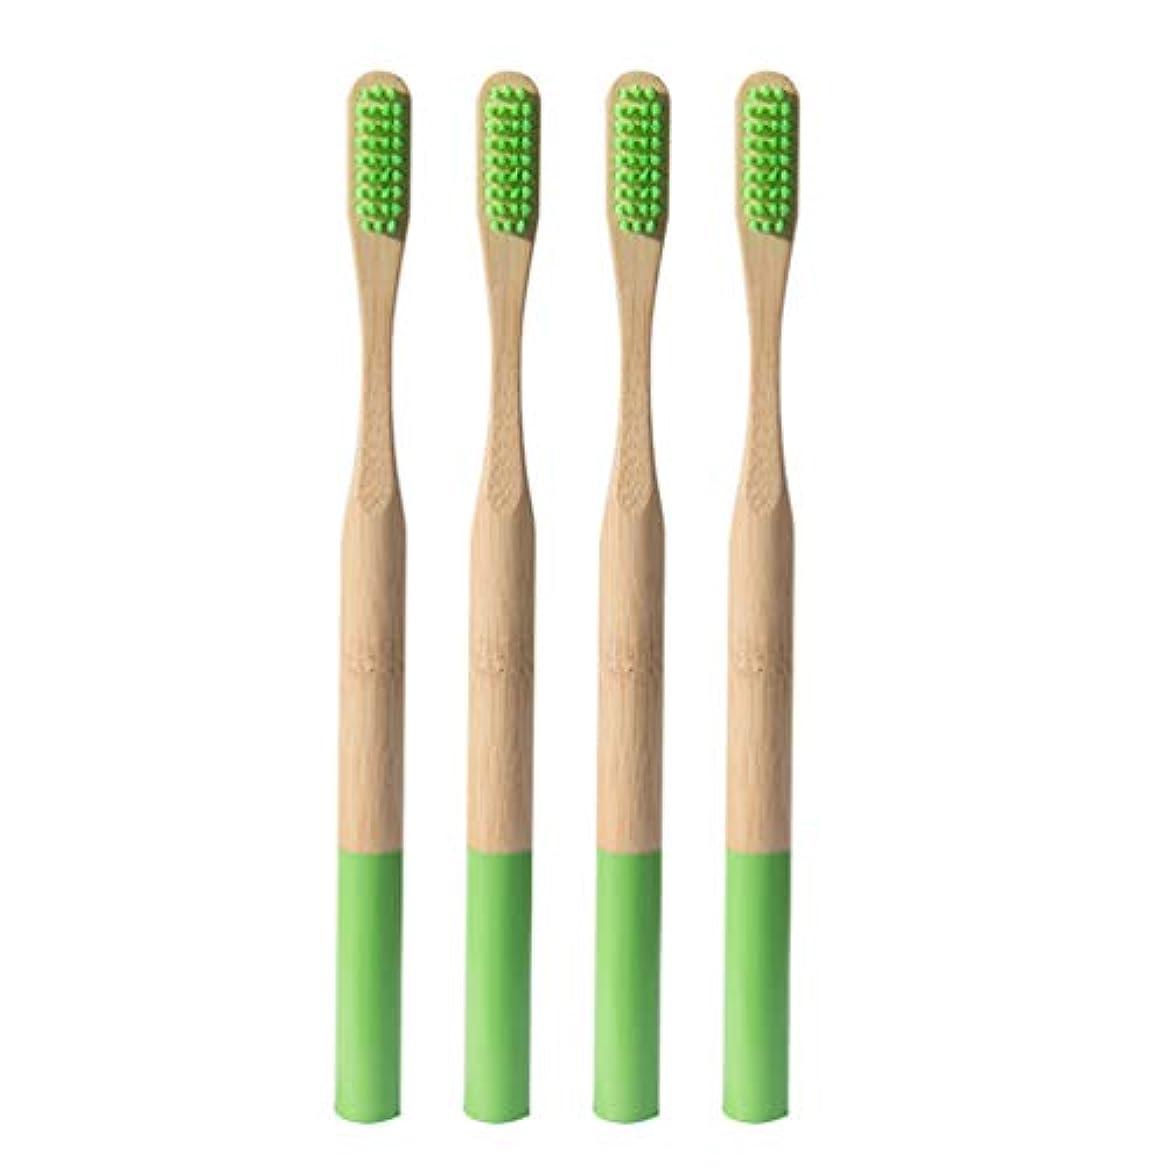 一晩適合しました耐えられないSUPVOX 4本の天然竹歯ブラシエコフレンドリーな歯ブラシ、柔らかいナイロン毛、BPAフリーの生分解性